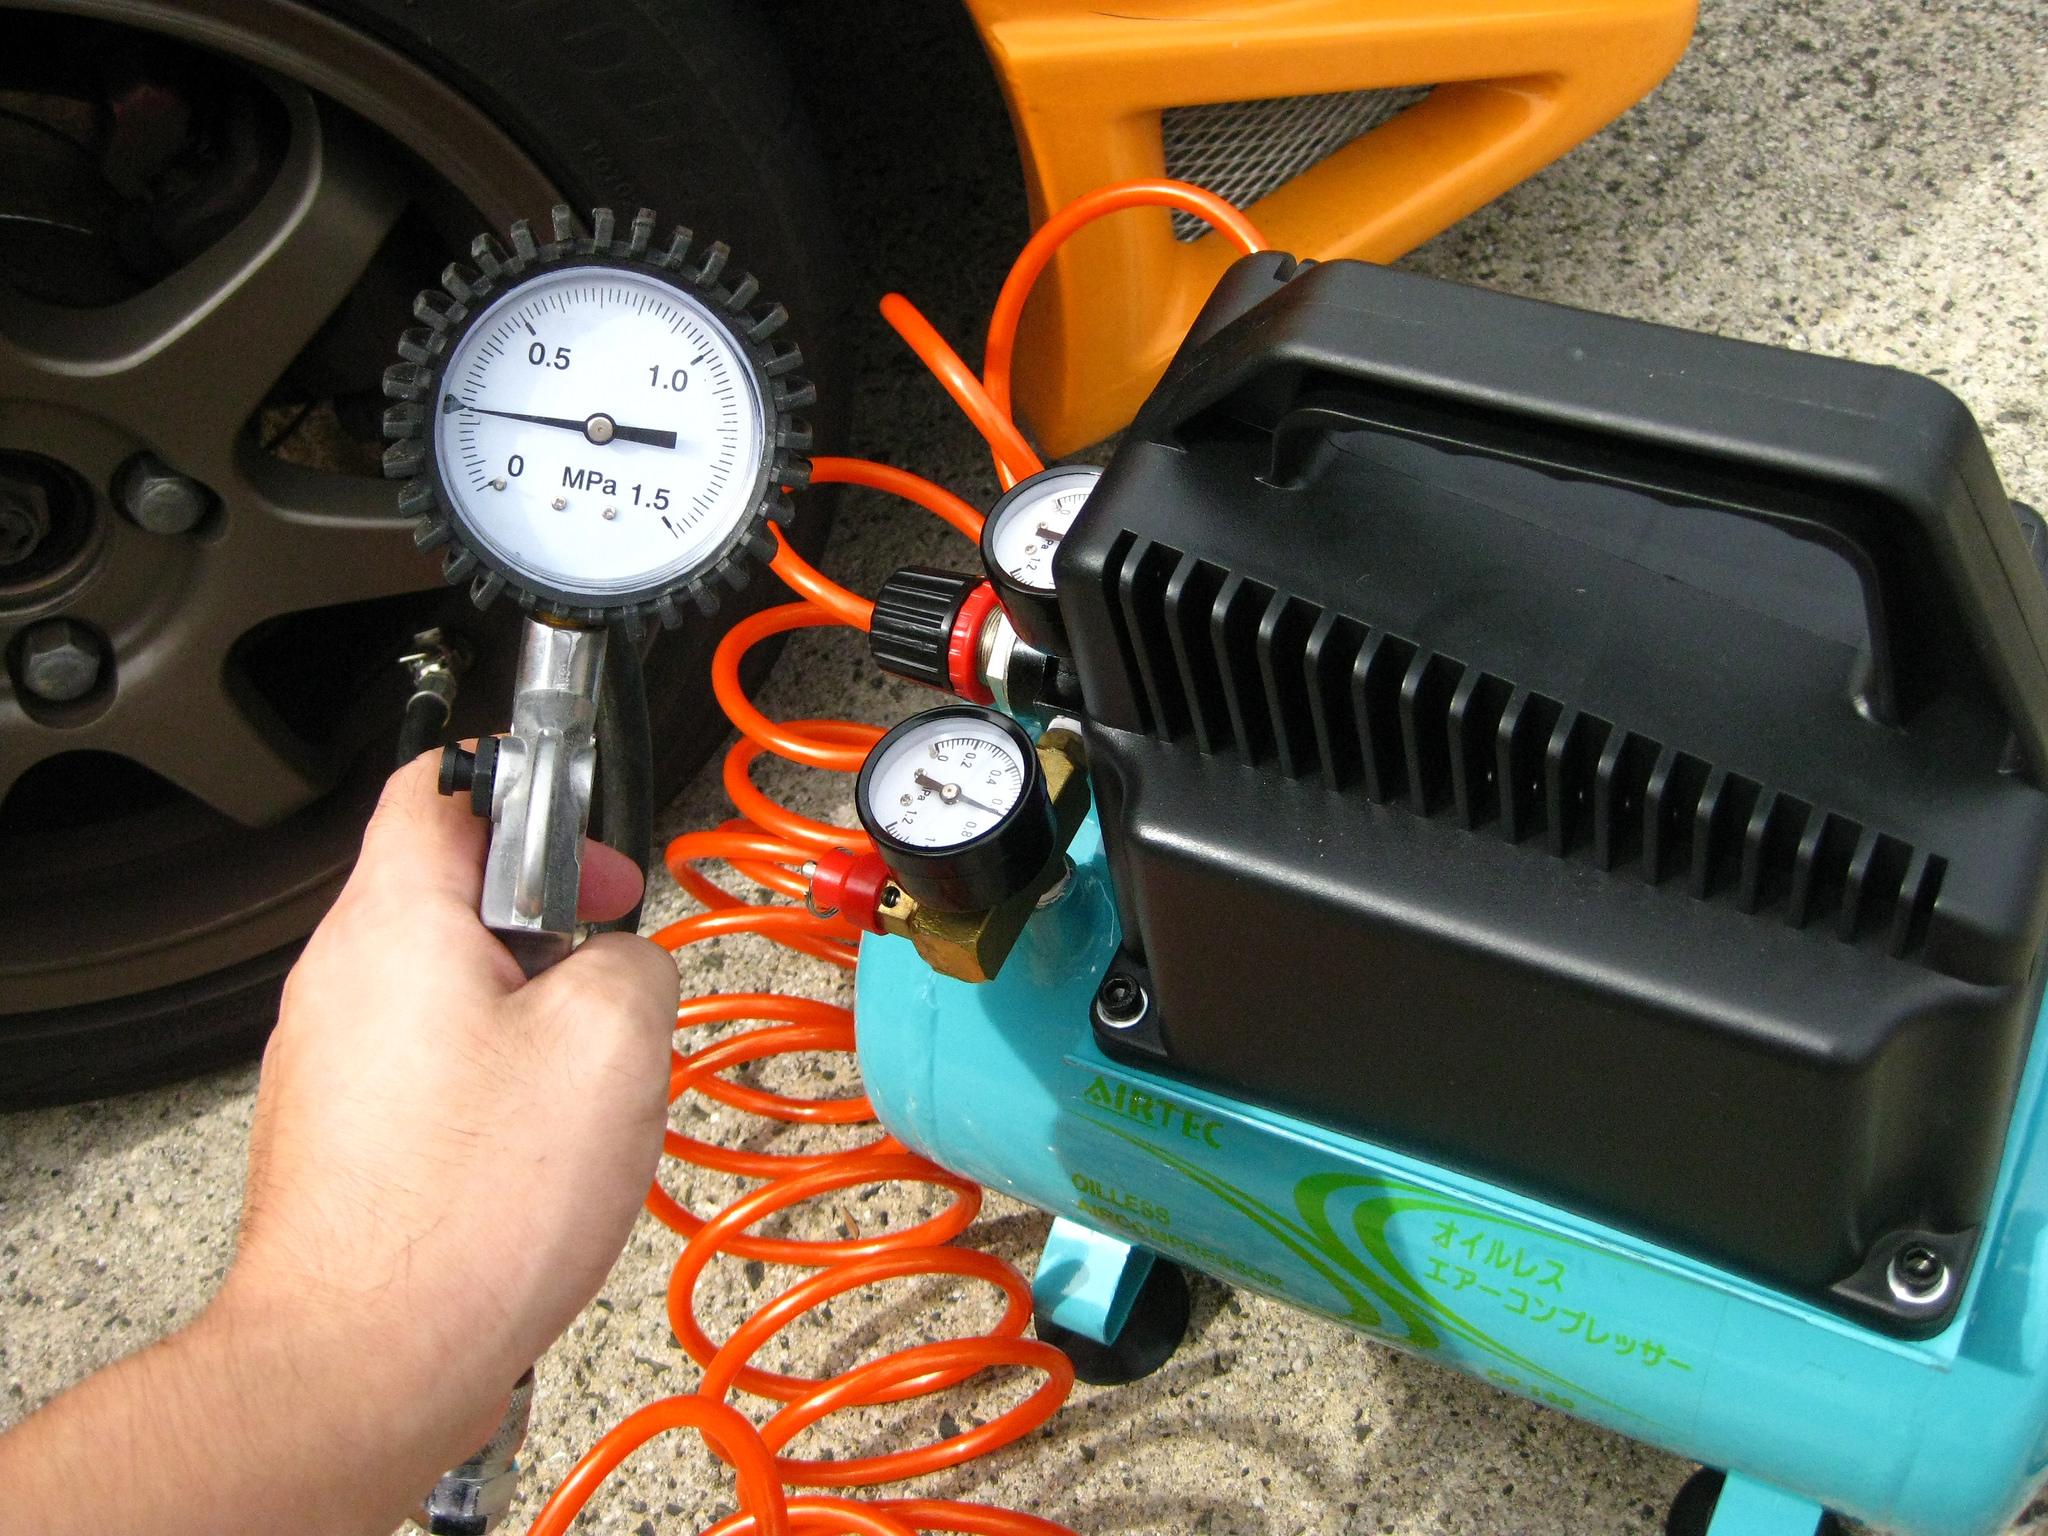 El compresor de aire tiene diferentes funciones como hinchar neumáticos, usar para limpiar con agua, pintar y demás actividades de bricolaje y del hogar.